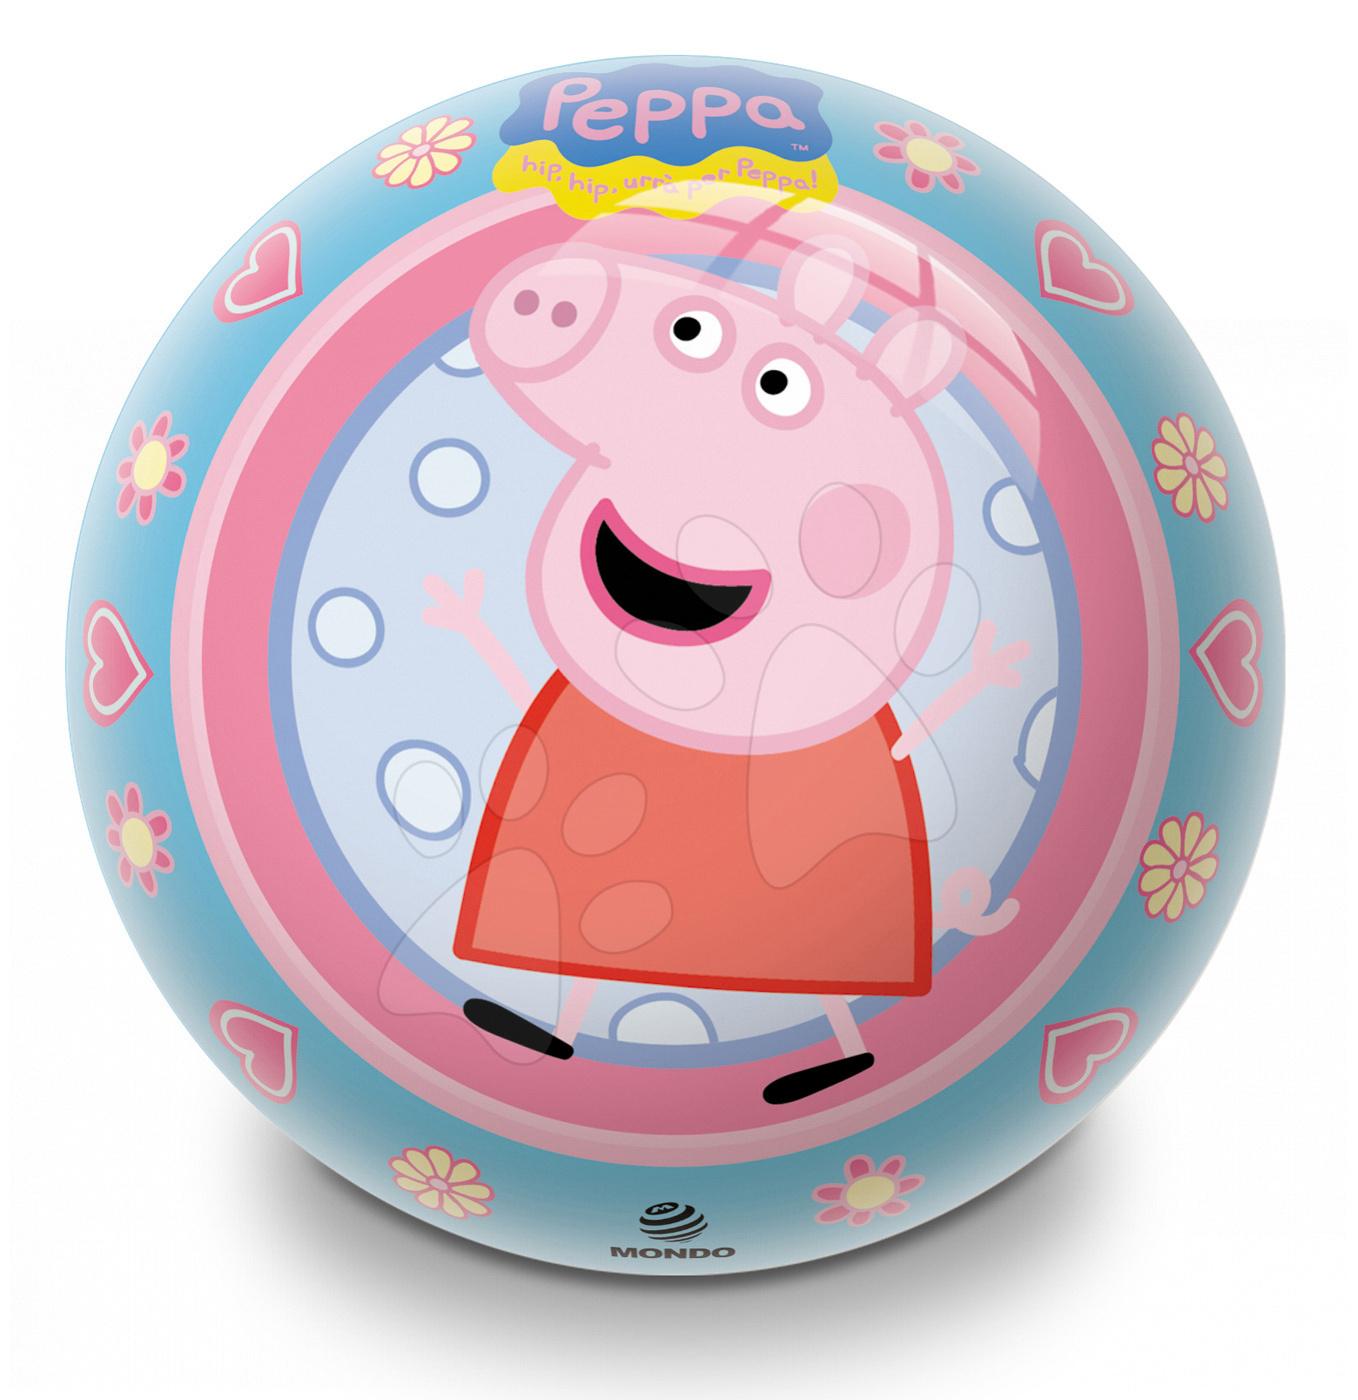 Pohádkový míč Prasátko Peppa Pig Mondo 14 cm pryžový